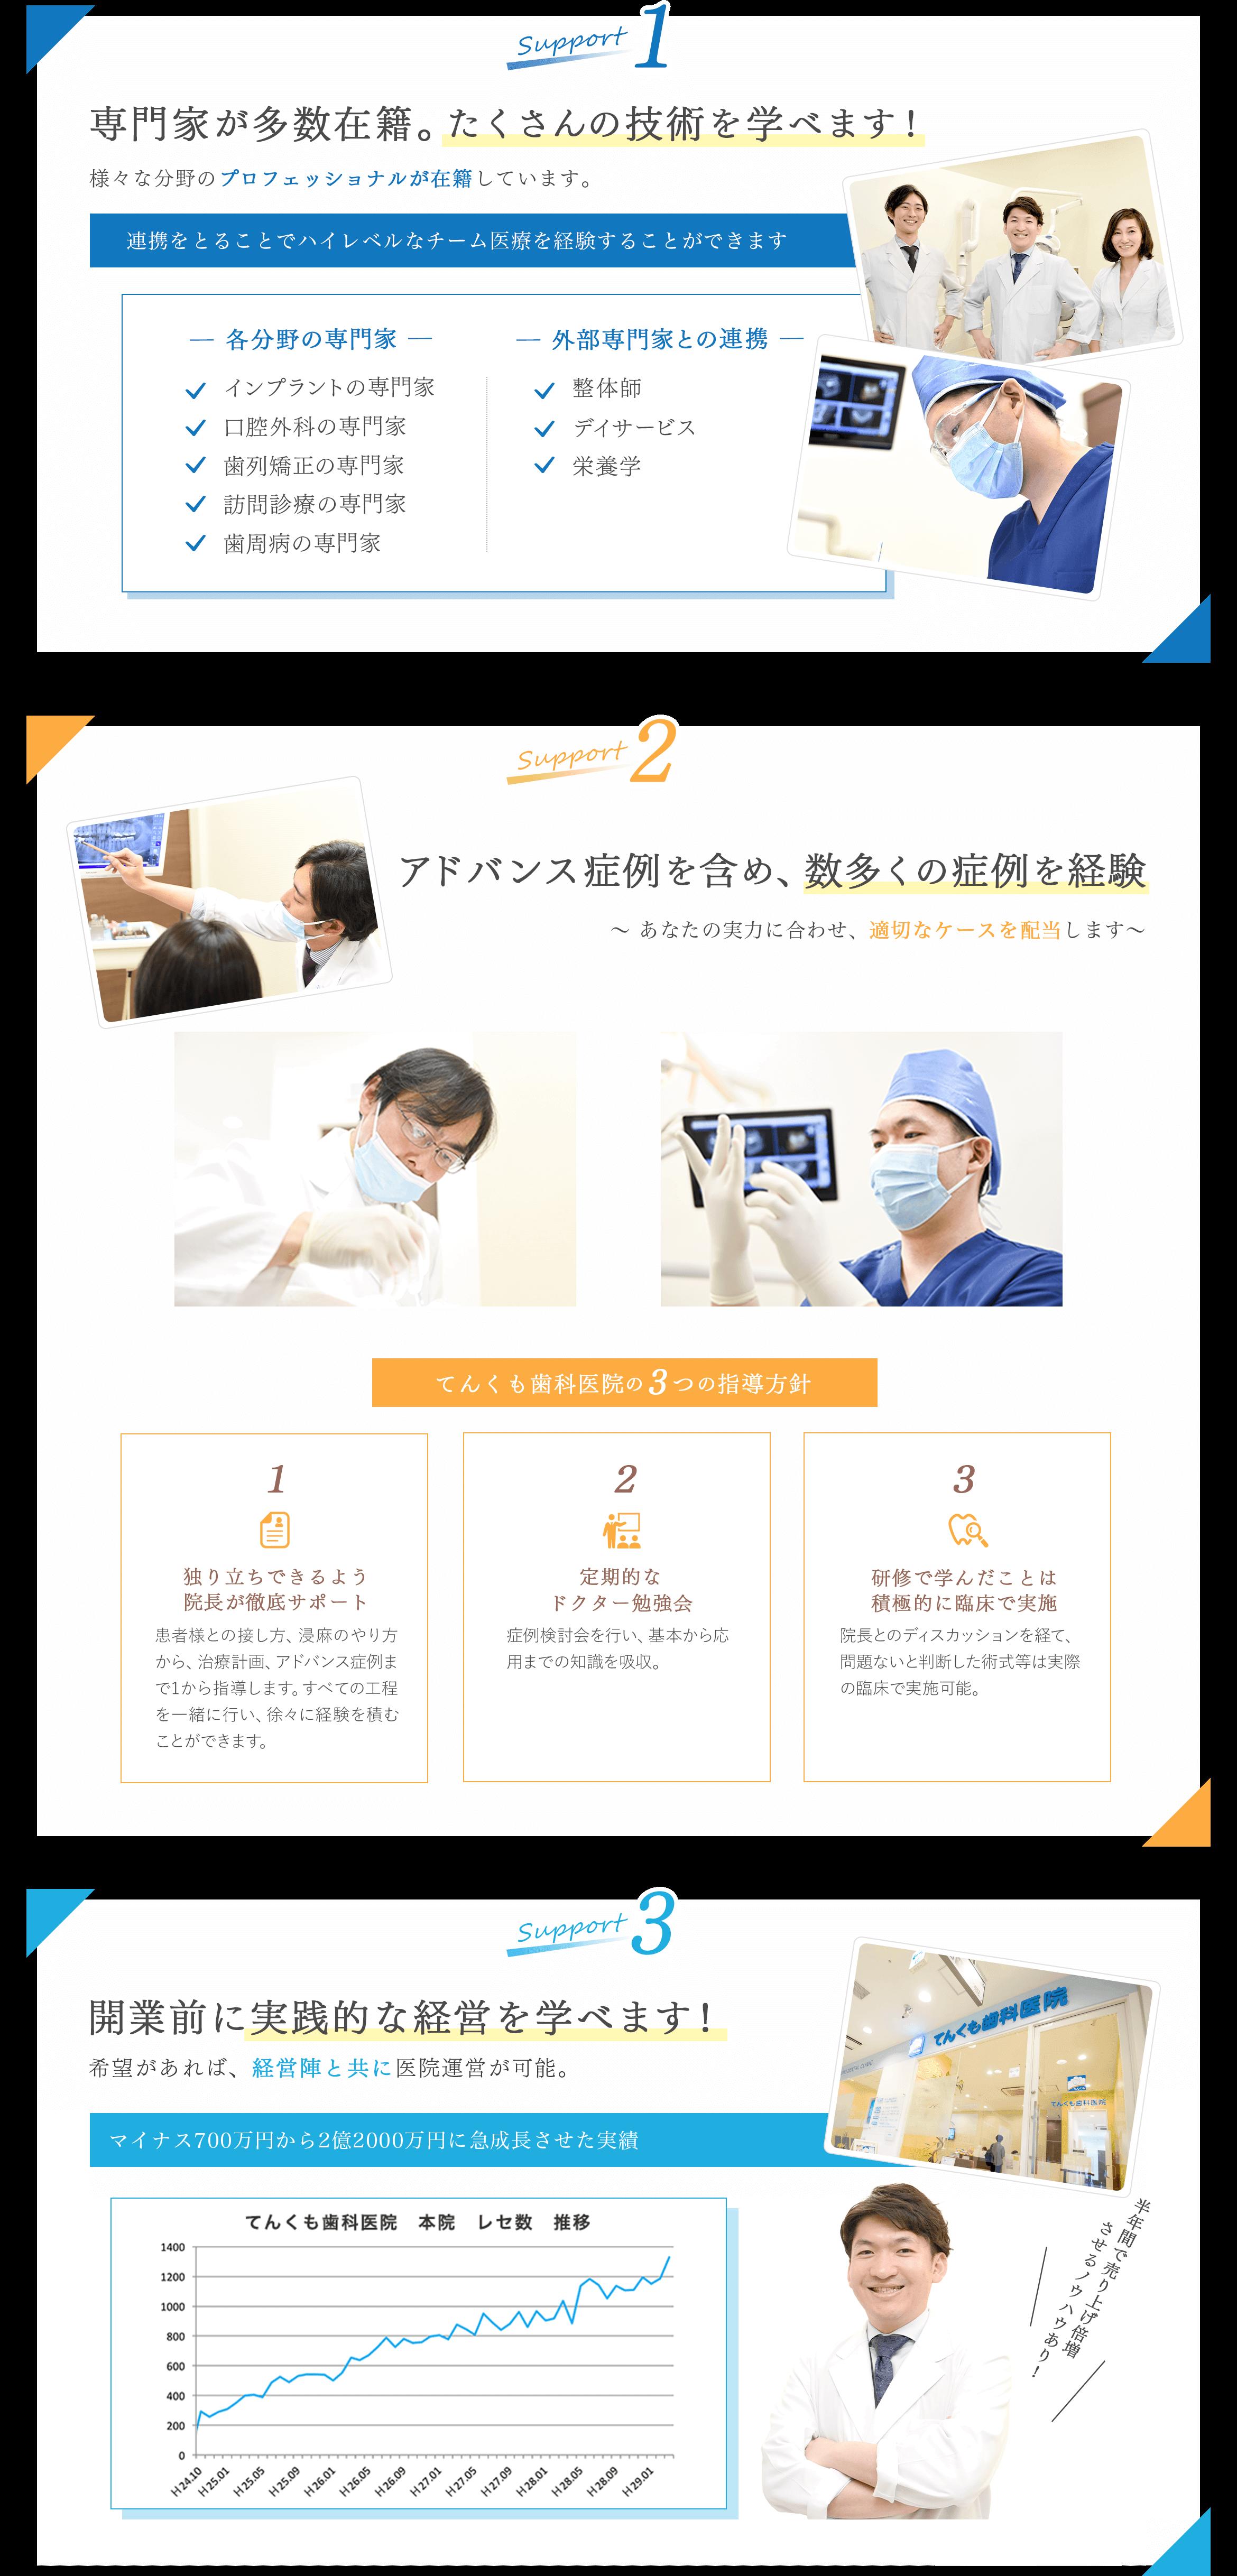 歯科医師の特徴